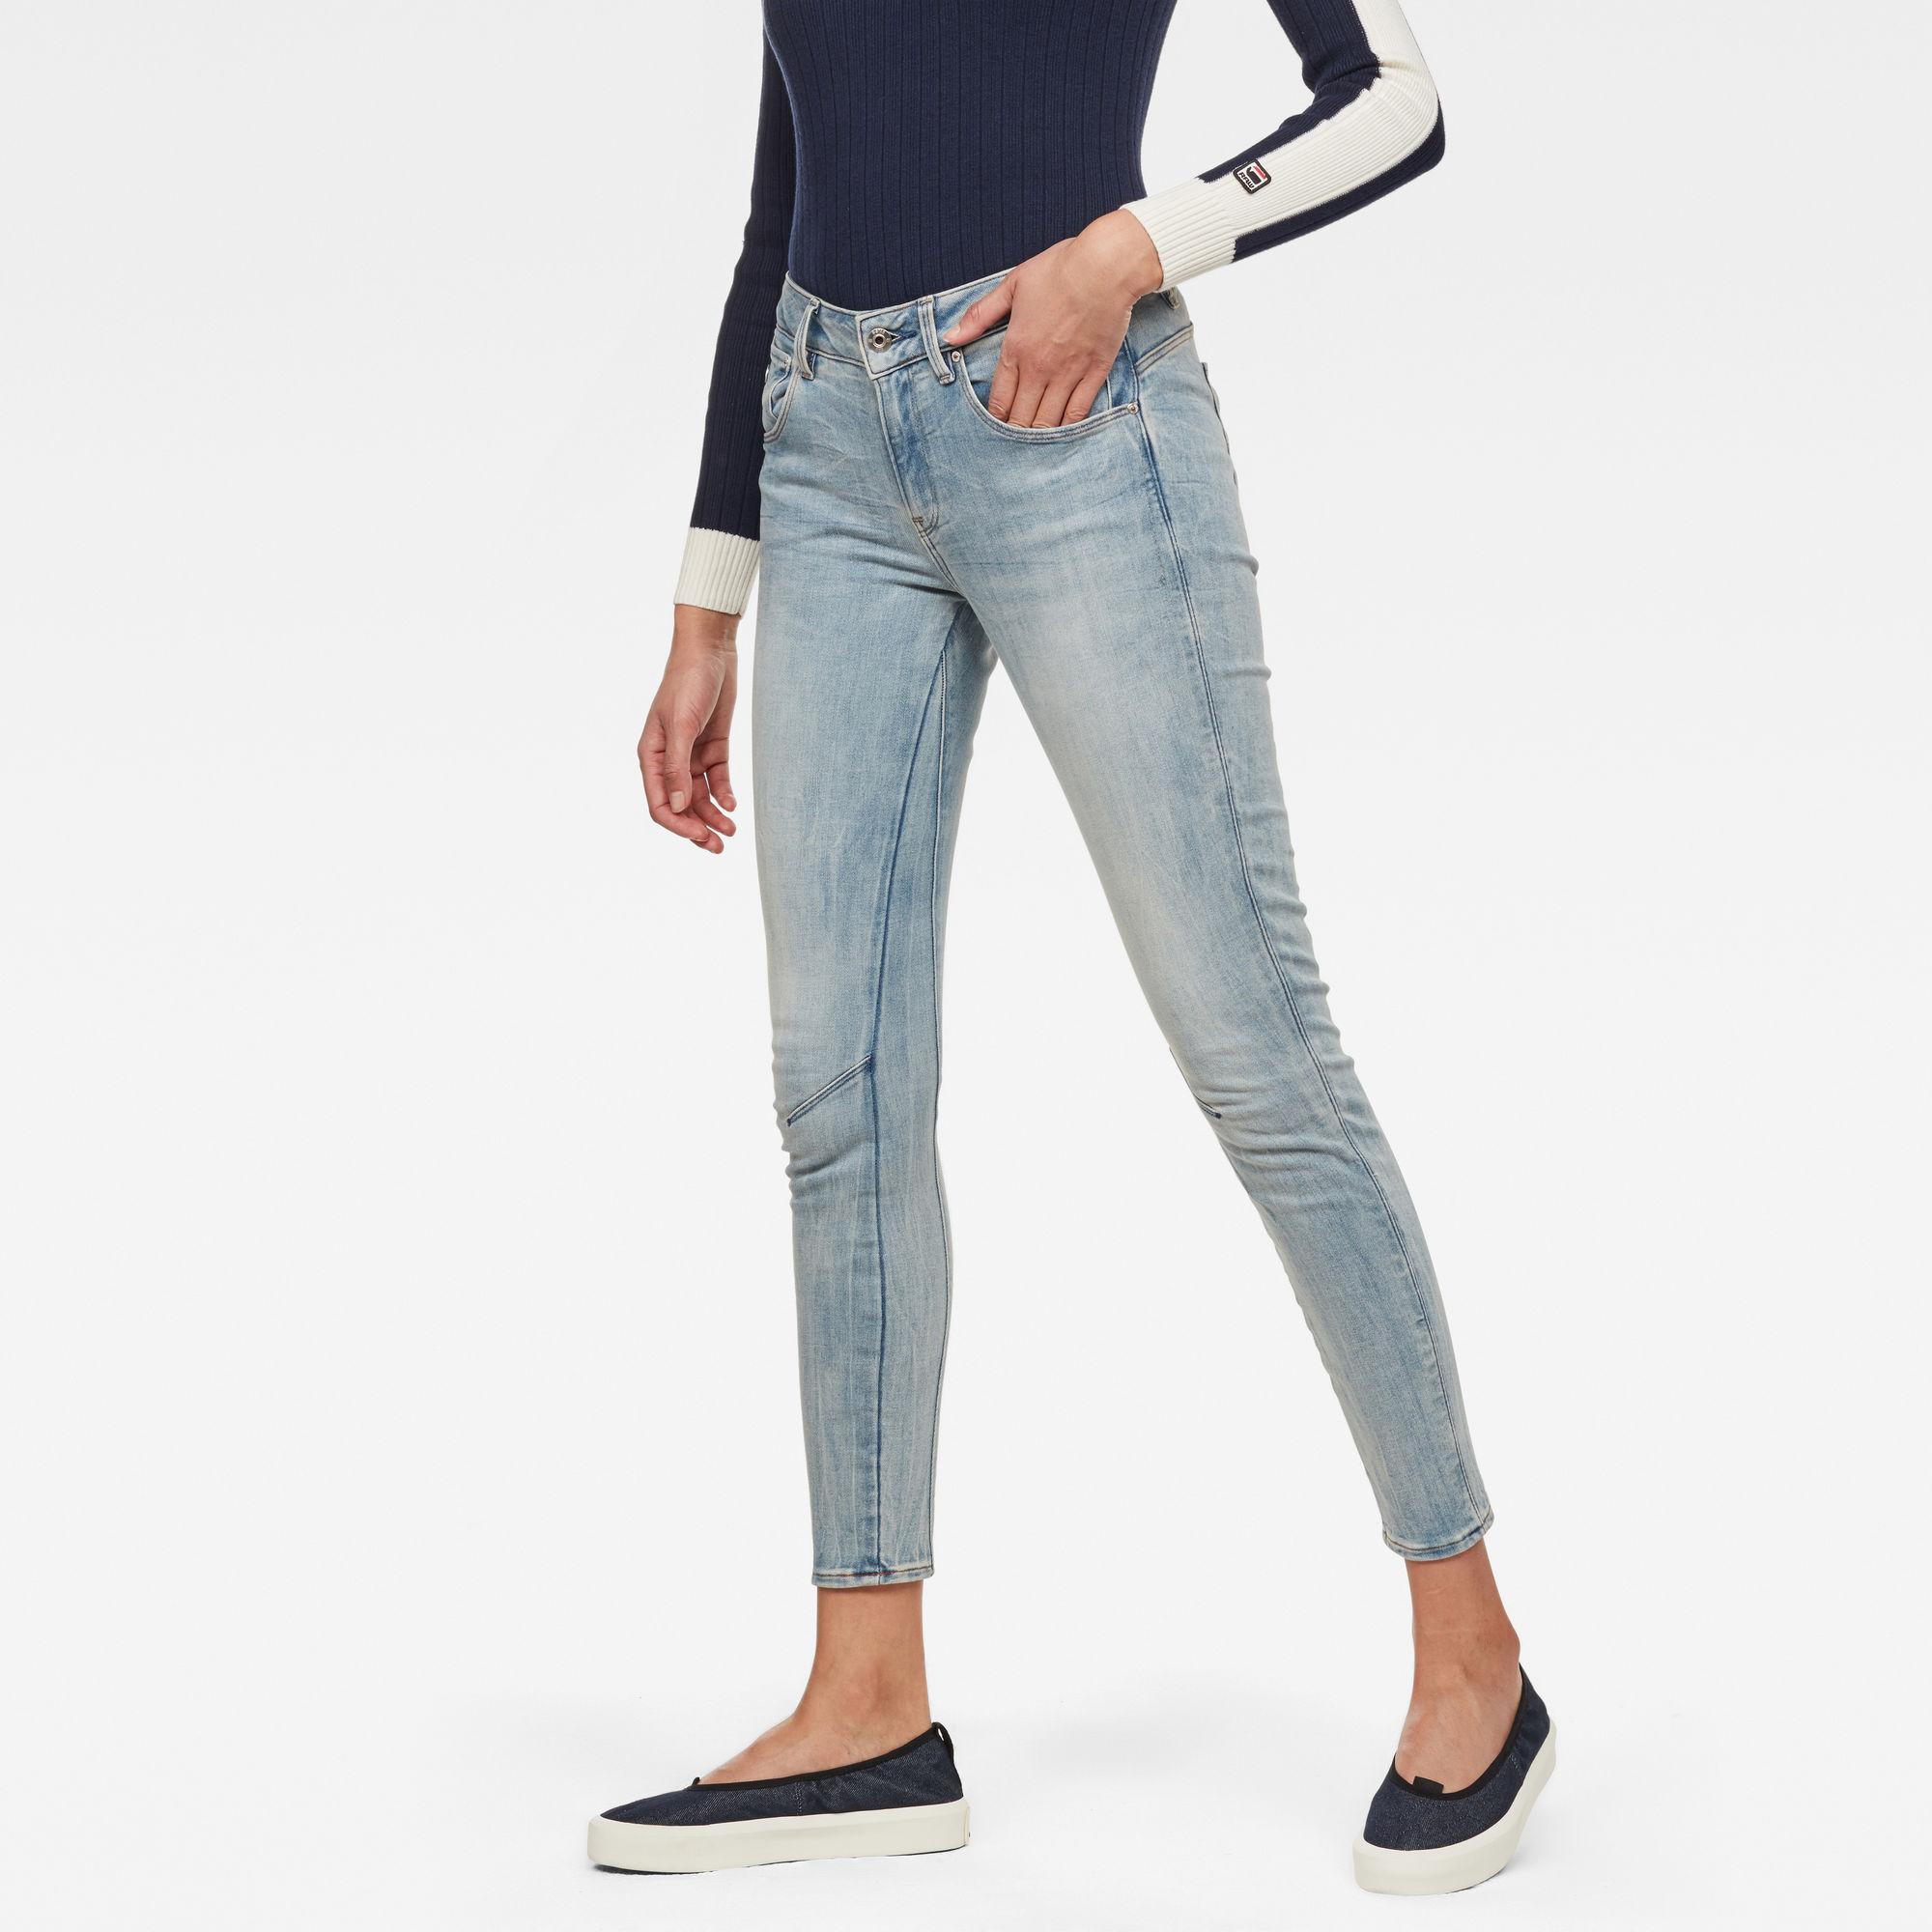 Arc 3D Mid Waist Skinny Jeans Jeans maat 29-28 van G-Star RAW snel en voordelig in huis? Hier lukt het direct